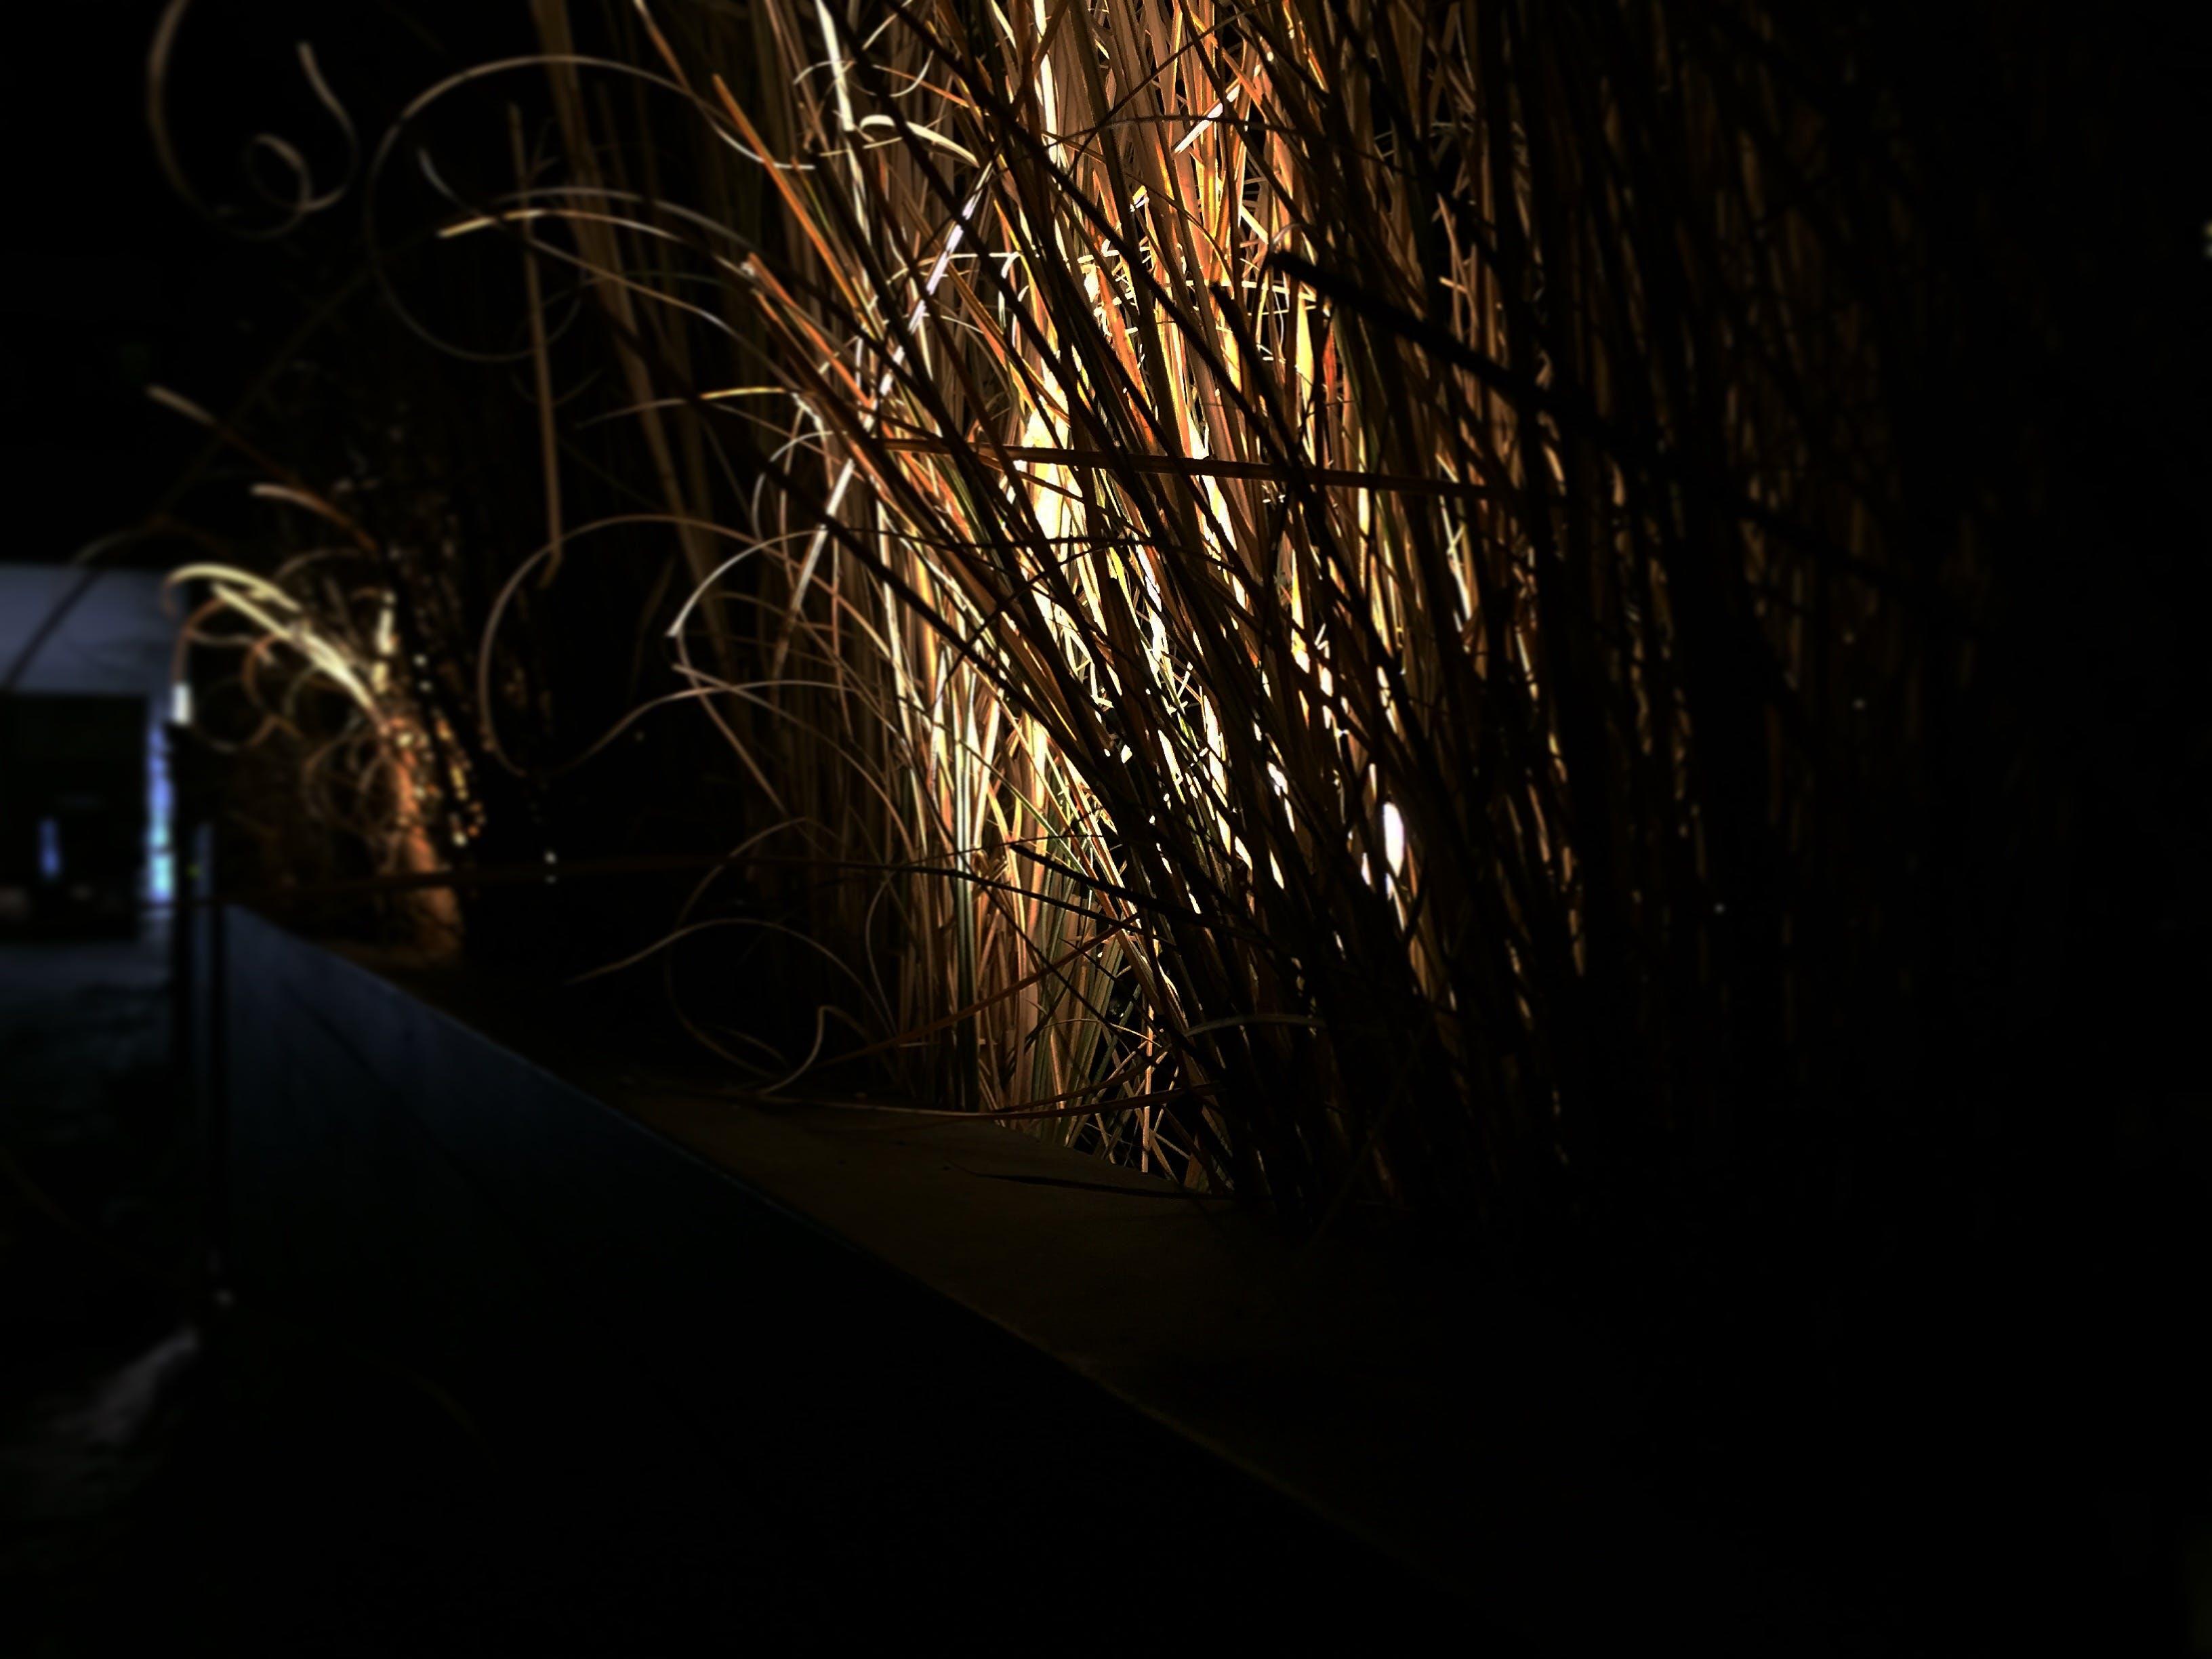 Free stock photo of light, night, dark